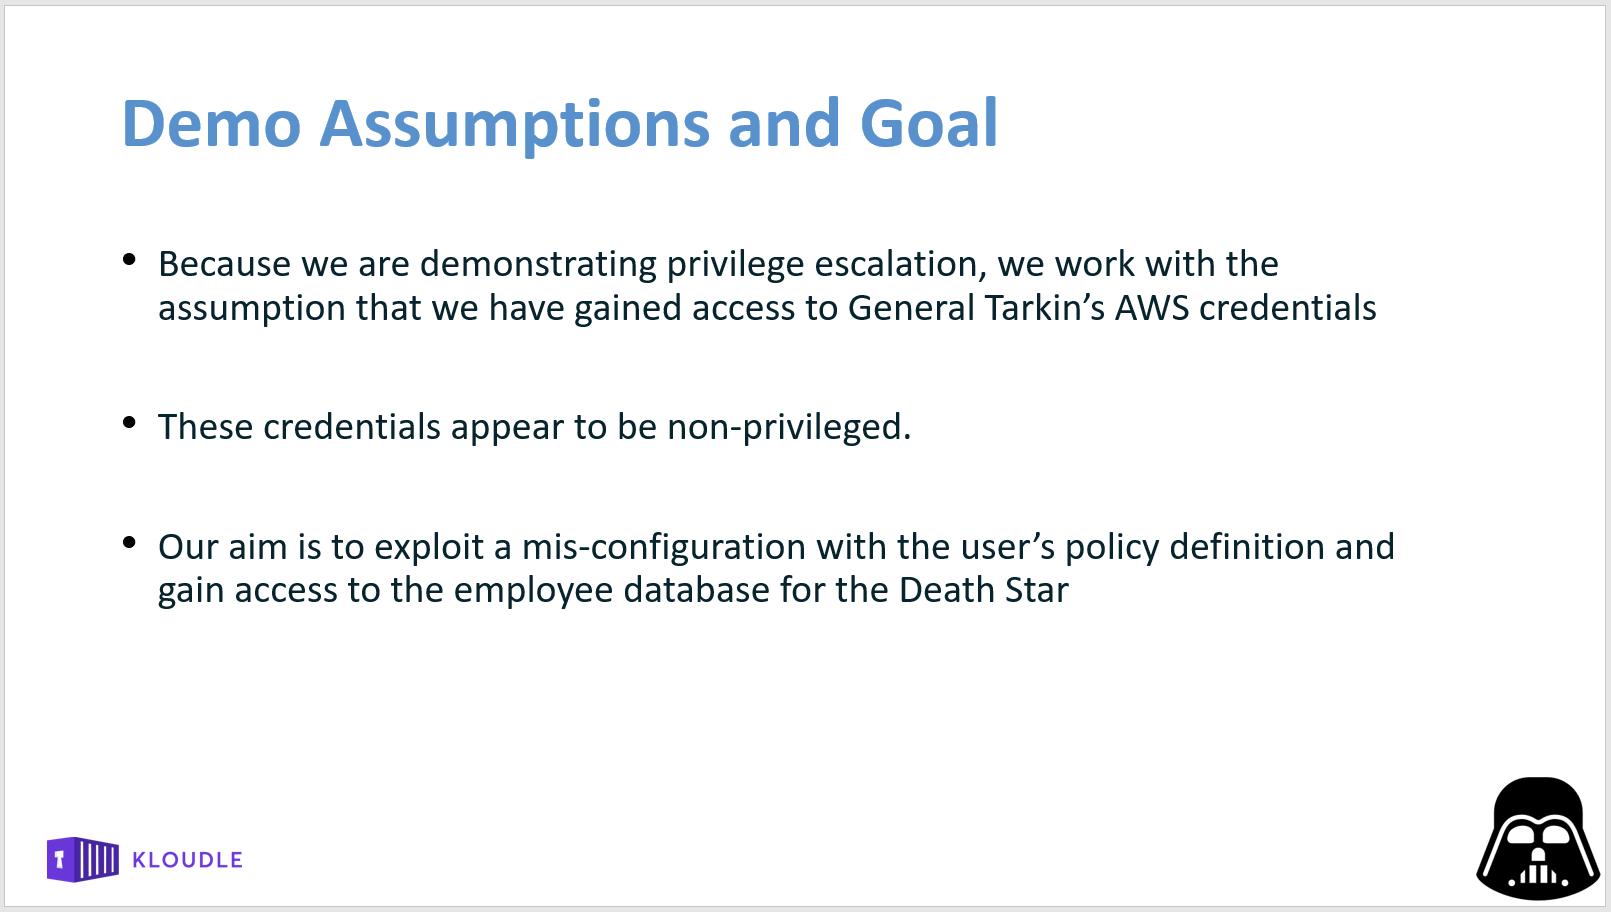 Demo assumptions and goals